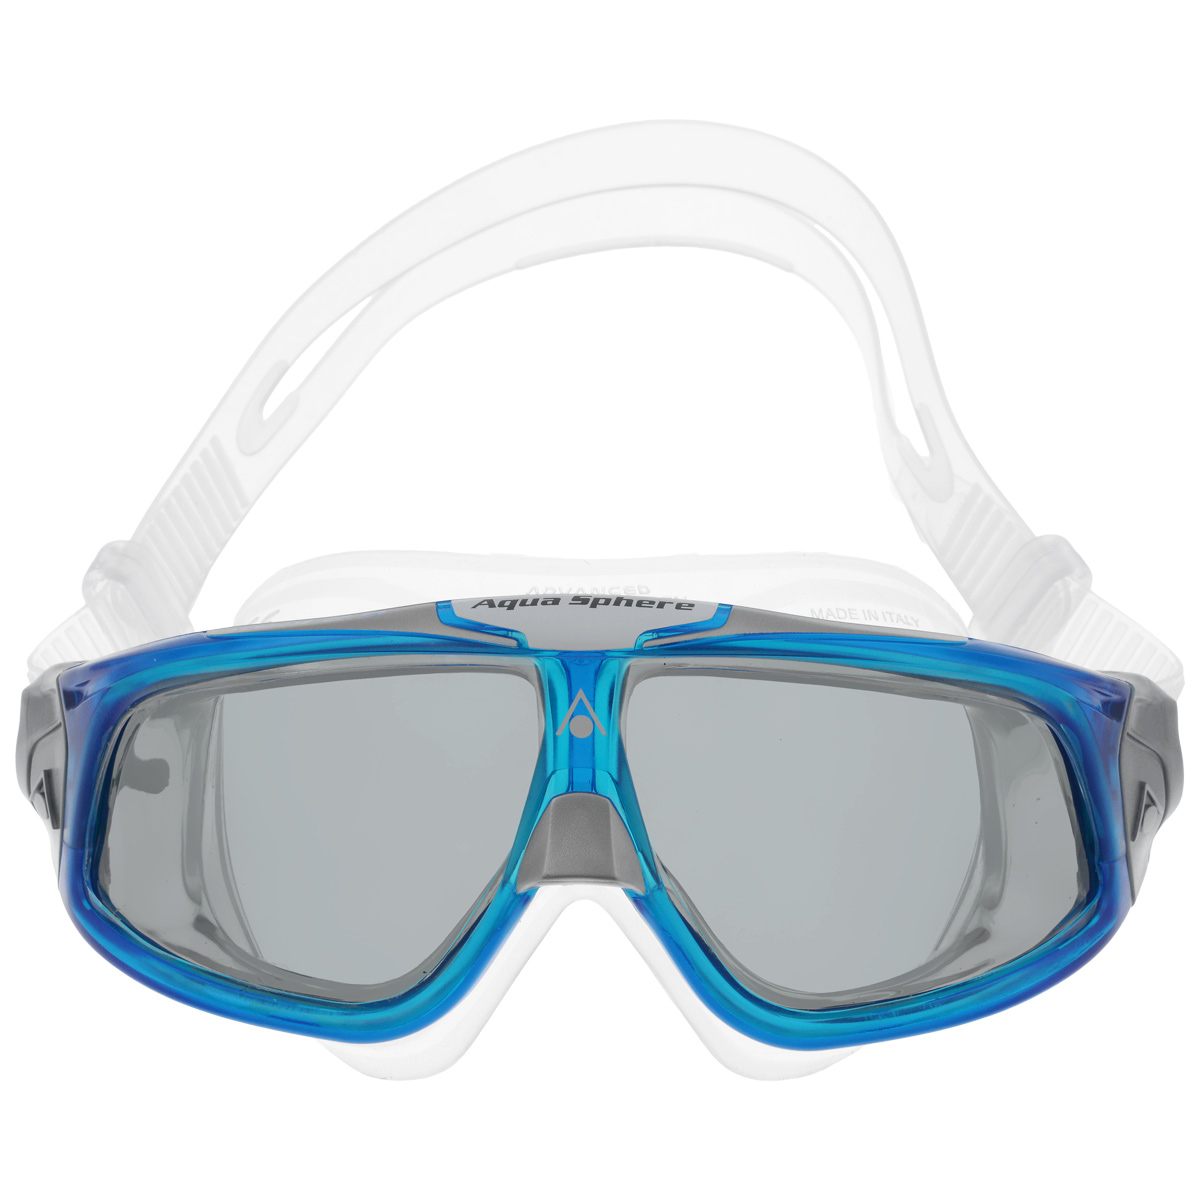 Очки для плавания Aqua Sphere Seal 2.0, цвет: прозрачный, синий527Aqua Sphere Seal 2.0 являются идеальными очками для тех, кто пользуется контактными линзами, так как они обеспечивают высокий уровень защиты глаз от внешних раздражителей, бактерий, соли и хлора.Особая форма линз обеспечивает панорамный обзор 180°. Очки дают 100% защиту от ультрафиолетового излучения. Специальное покрытие препятствует запотеванию стекол.Материал: силикон, plexisol.